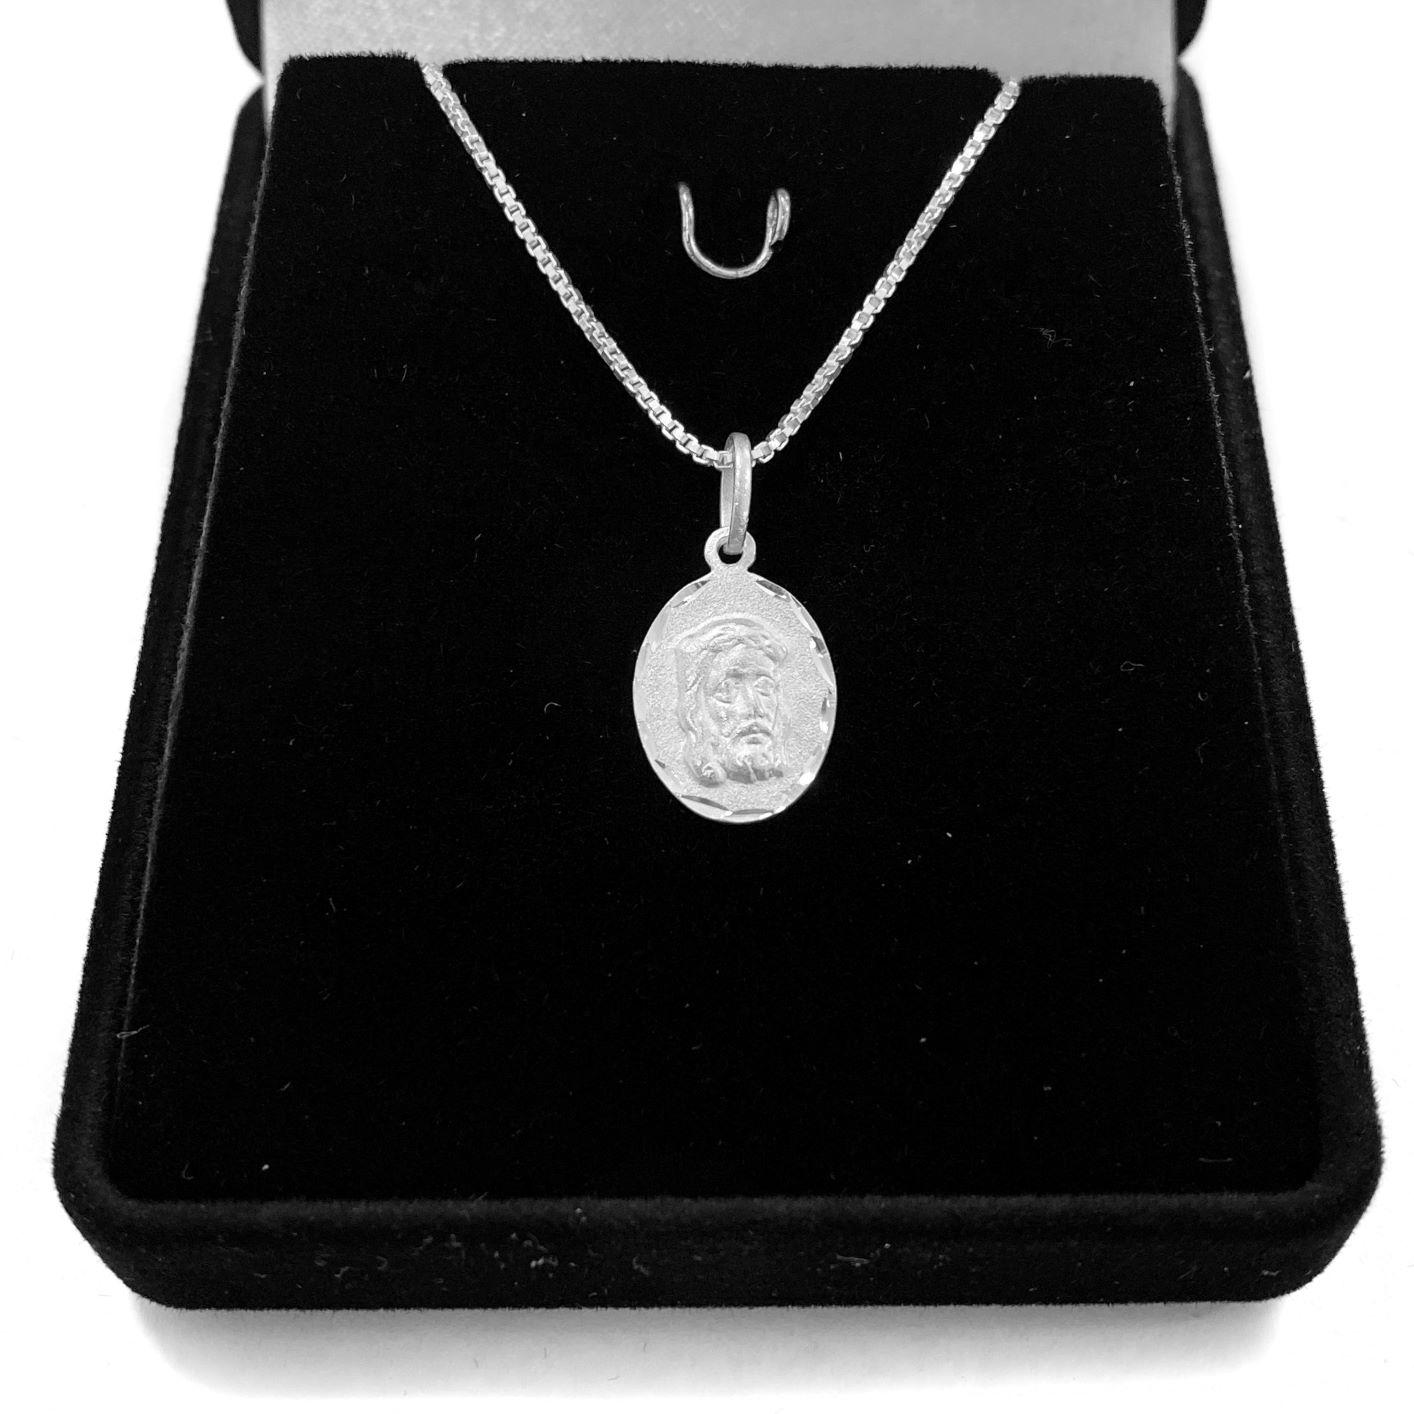 Pingente Medalha Face de Cristo Mini 1,4cm x 1cm (Prata 925 Italiana)